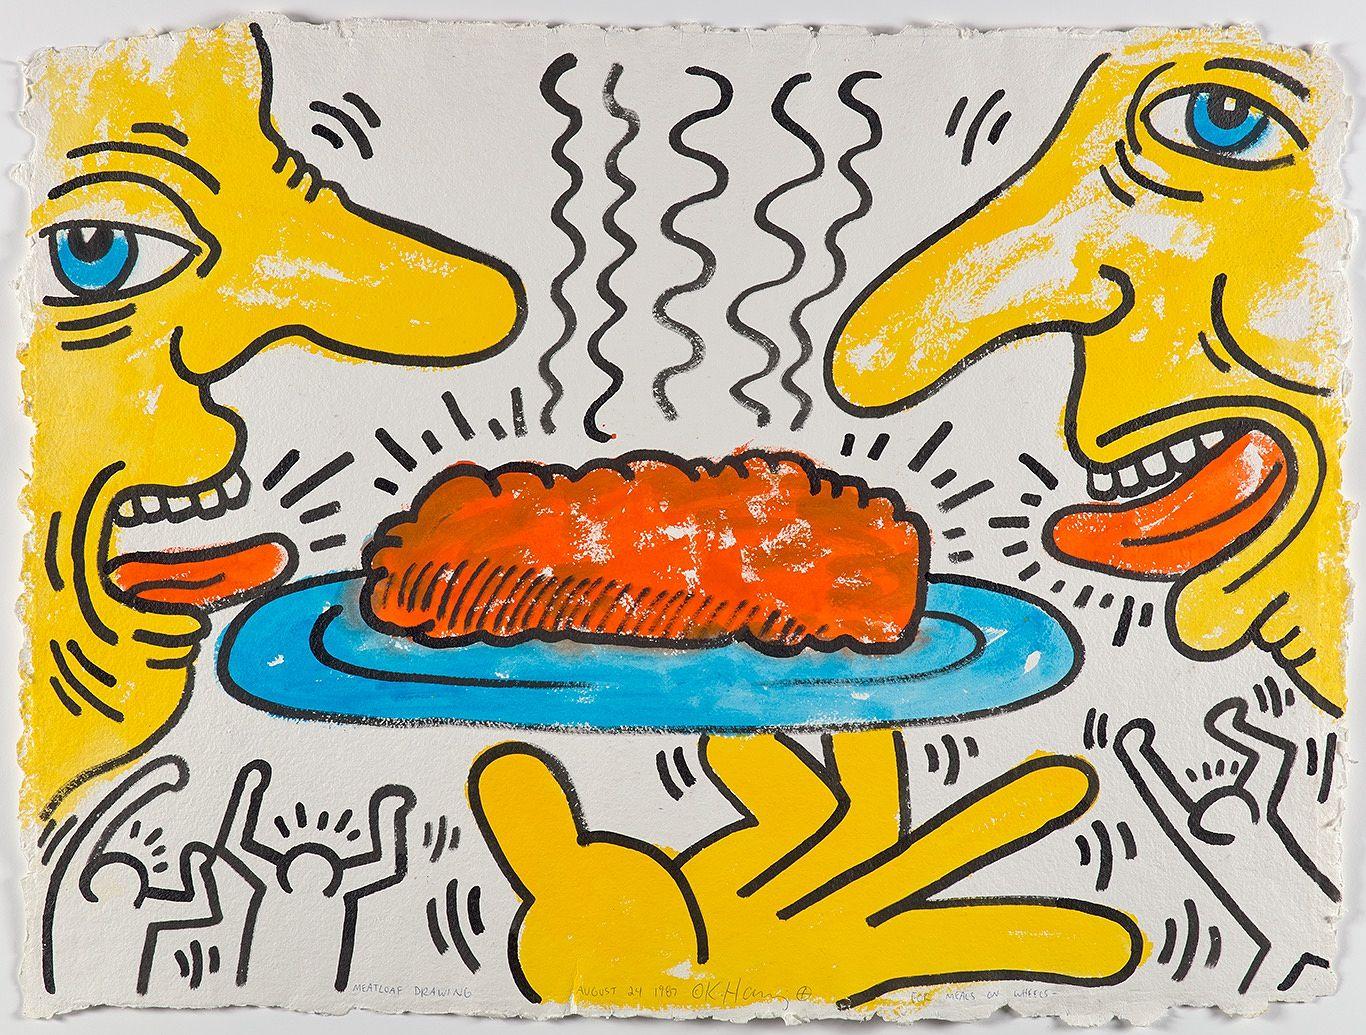 Phillips X 與K11聯合呈獻《Keith Haring: Falling Up》,透過這35件經典之作,領略這位普普大師的創作傳奇。